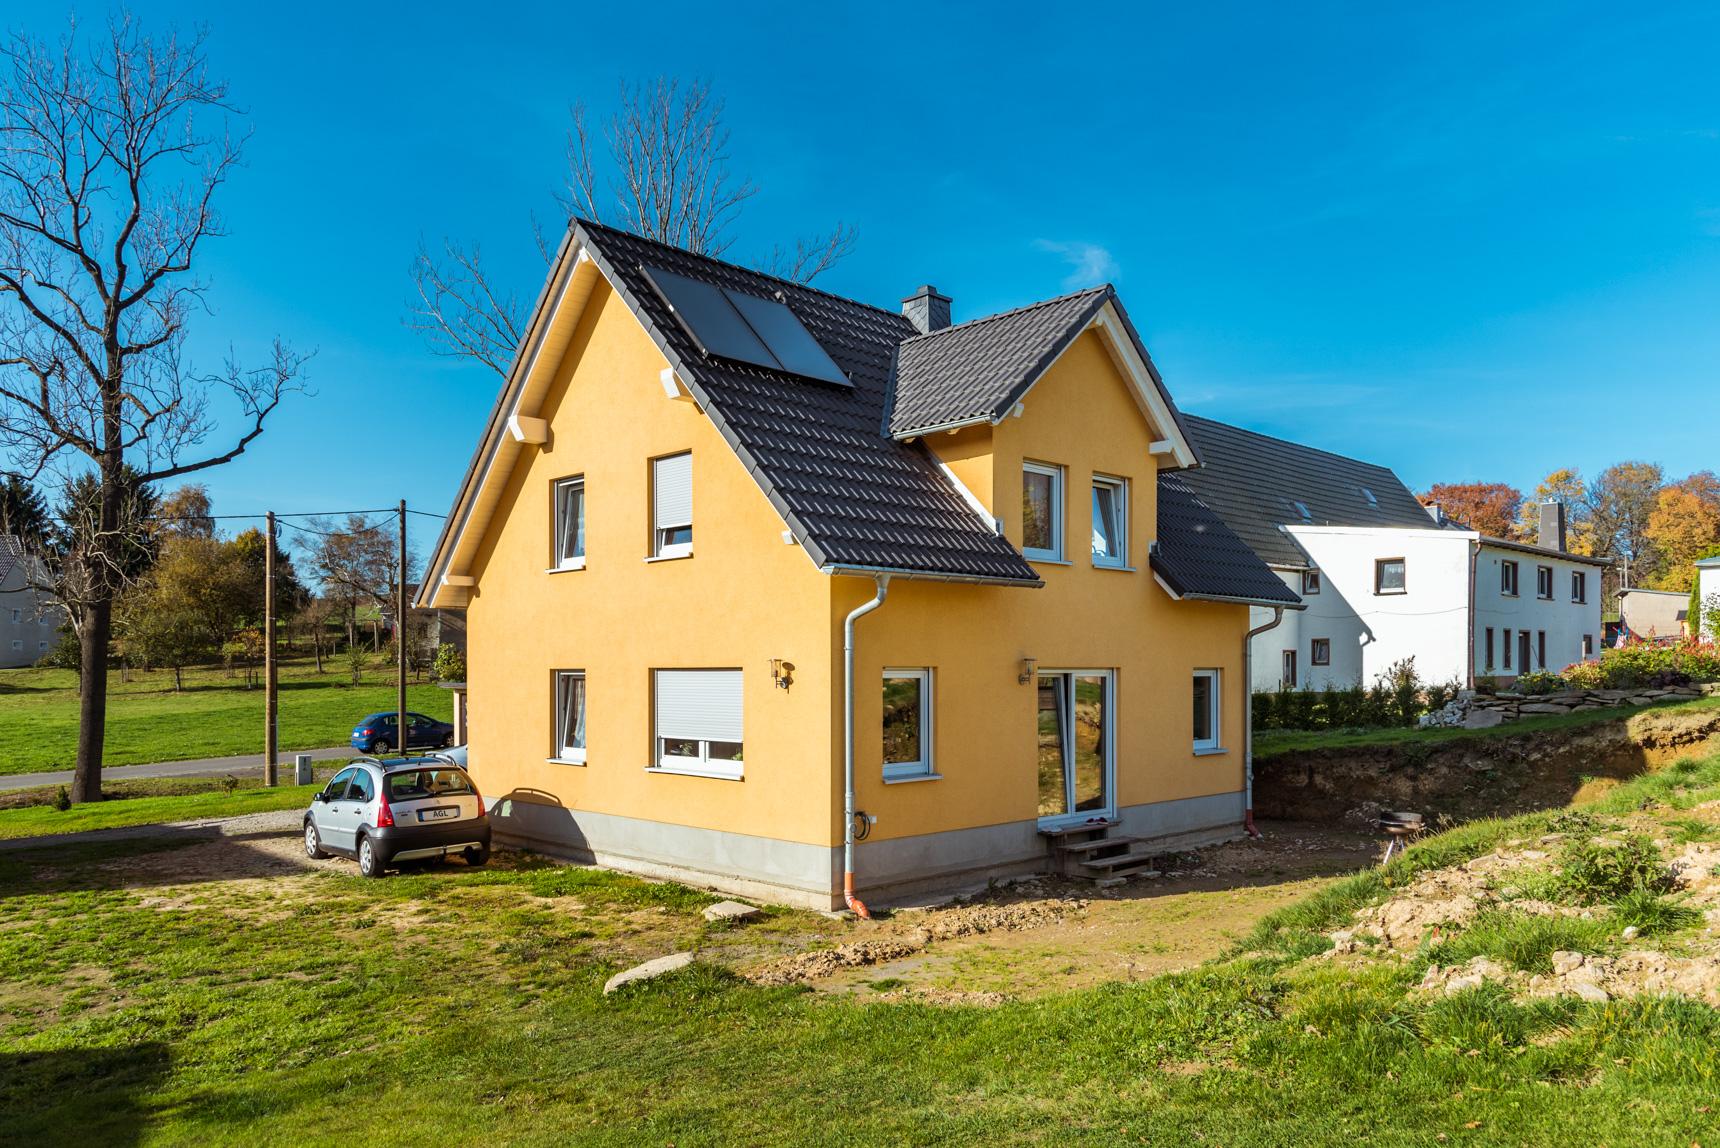 Referenz - Kleinhartmannsdorf - AGL Massivhaus Projektbau GmbH